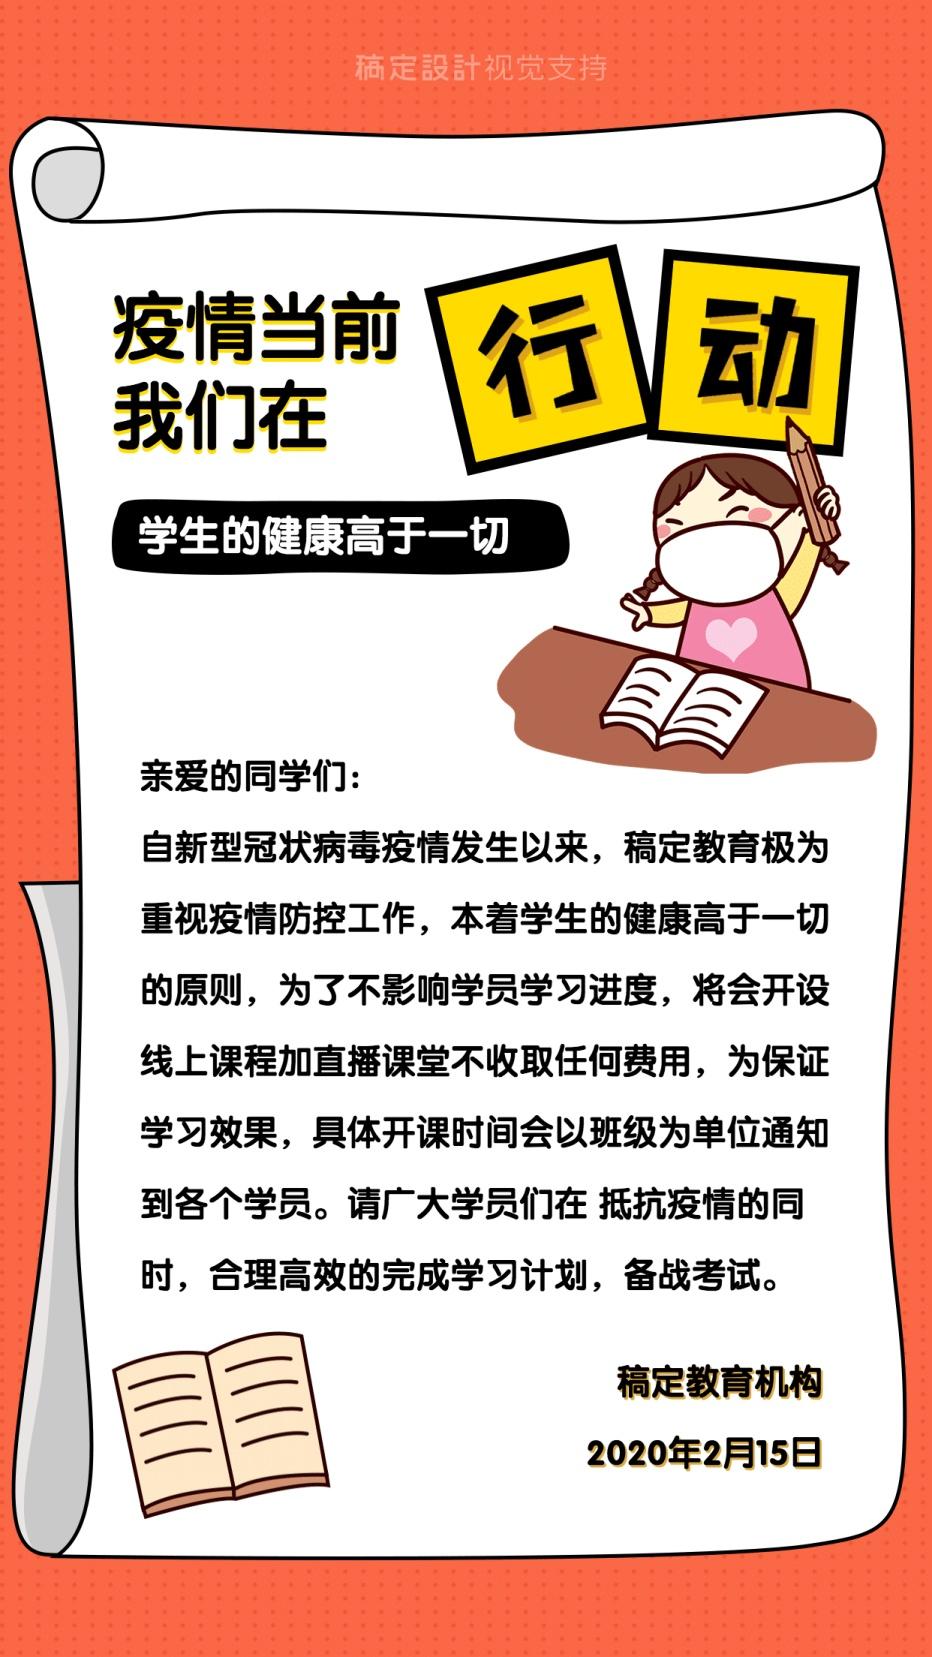 武汉疫情学习加油通知公告